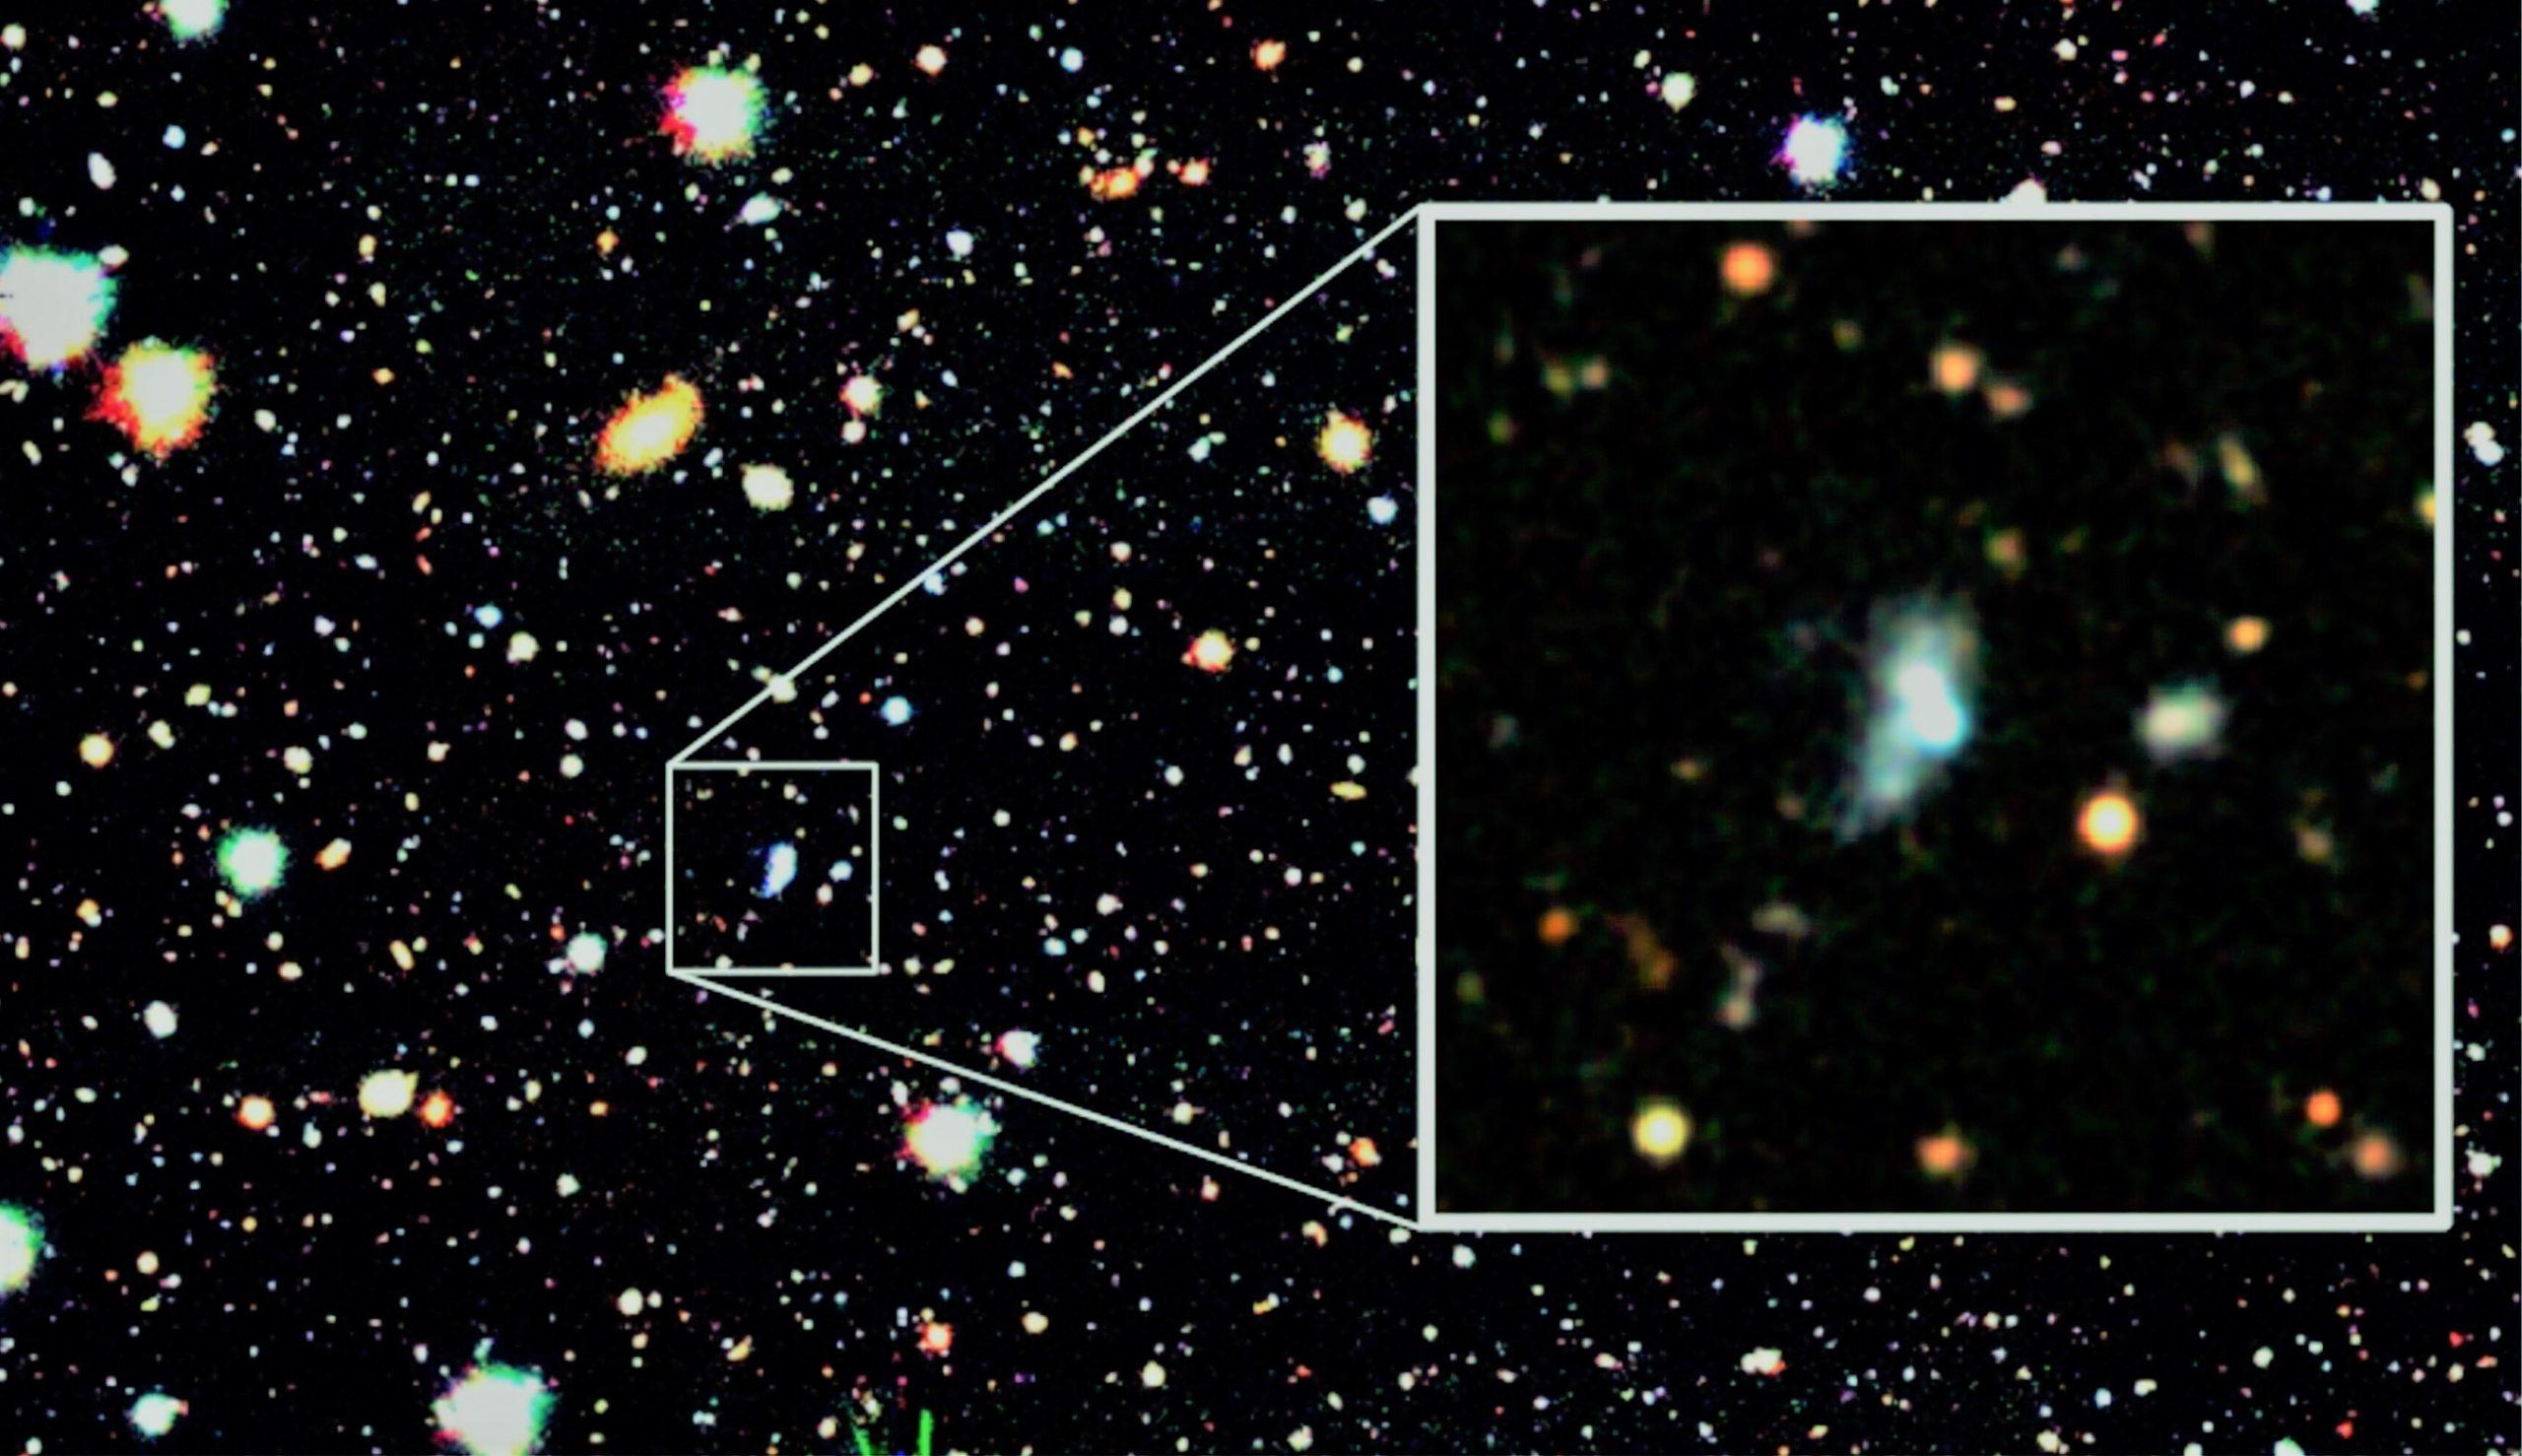 С помощью машинного обучения найдена молодая галактика